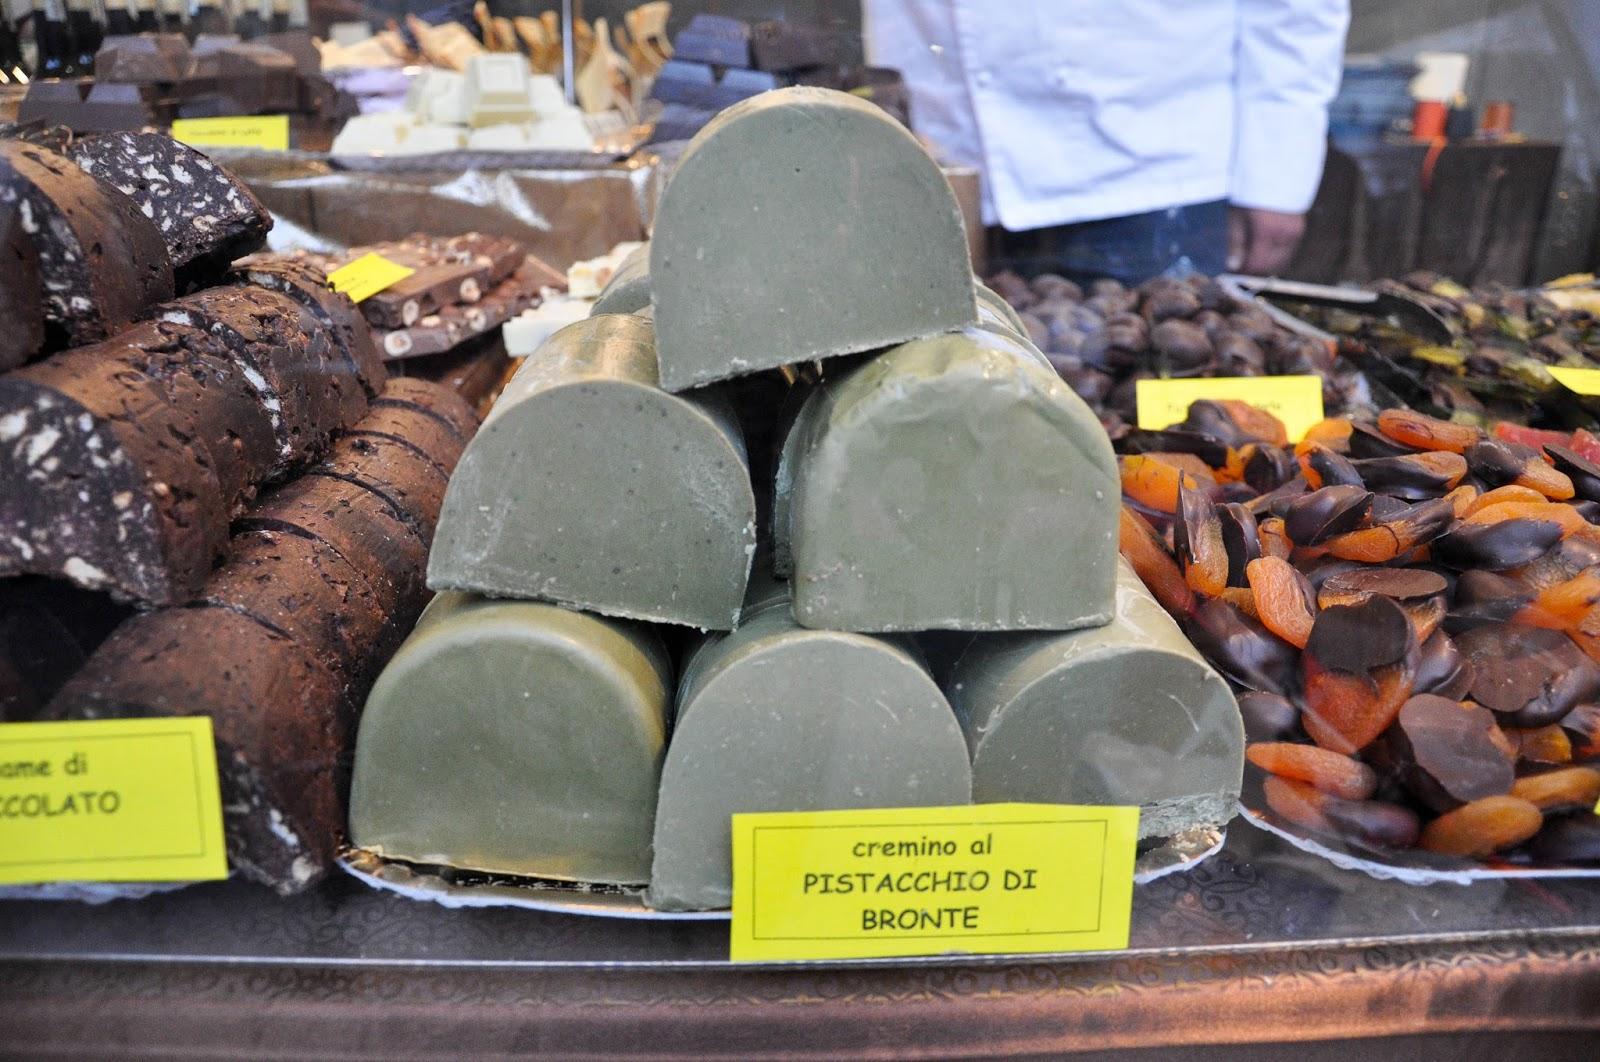 Cremino al Pistacchio, Chocolate Festival, Piazza dei Signori, Vicenza, Veneto, Italy